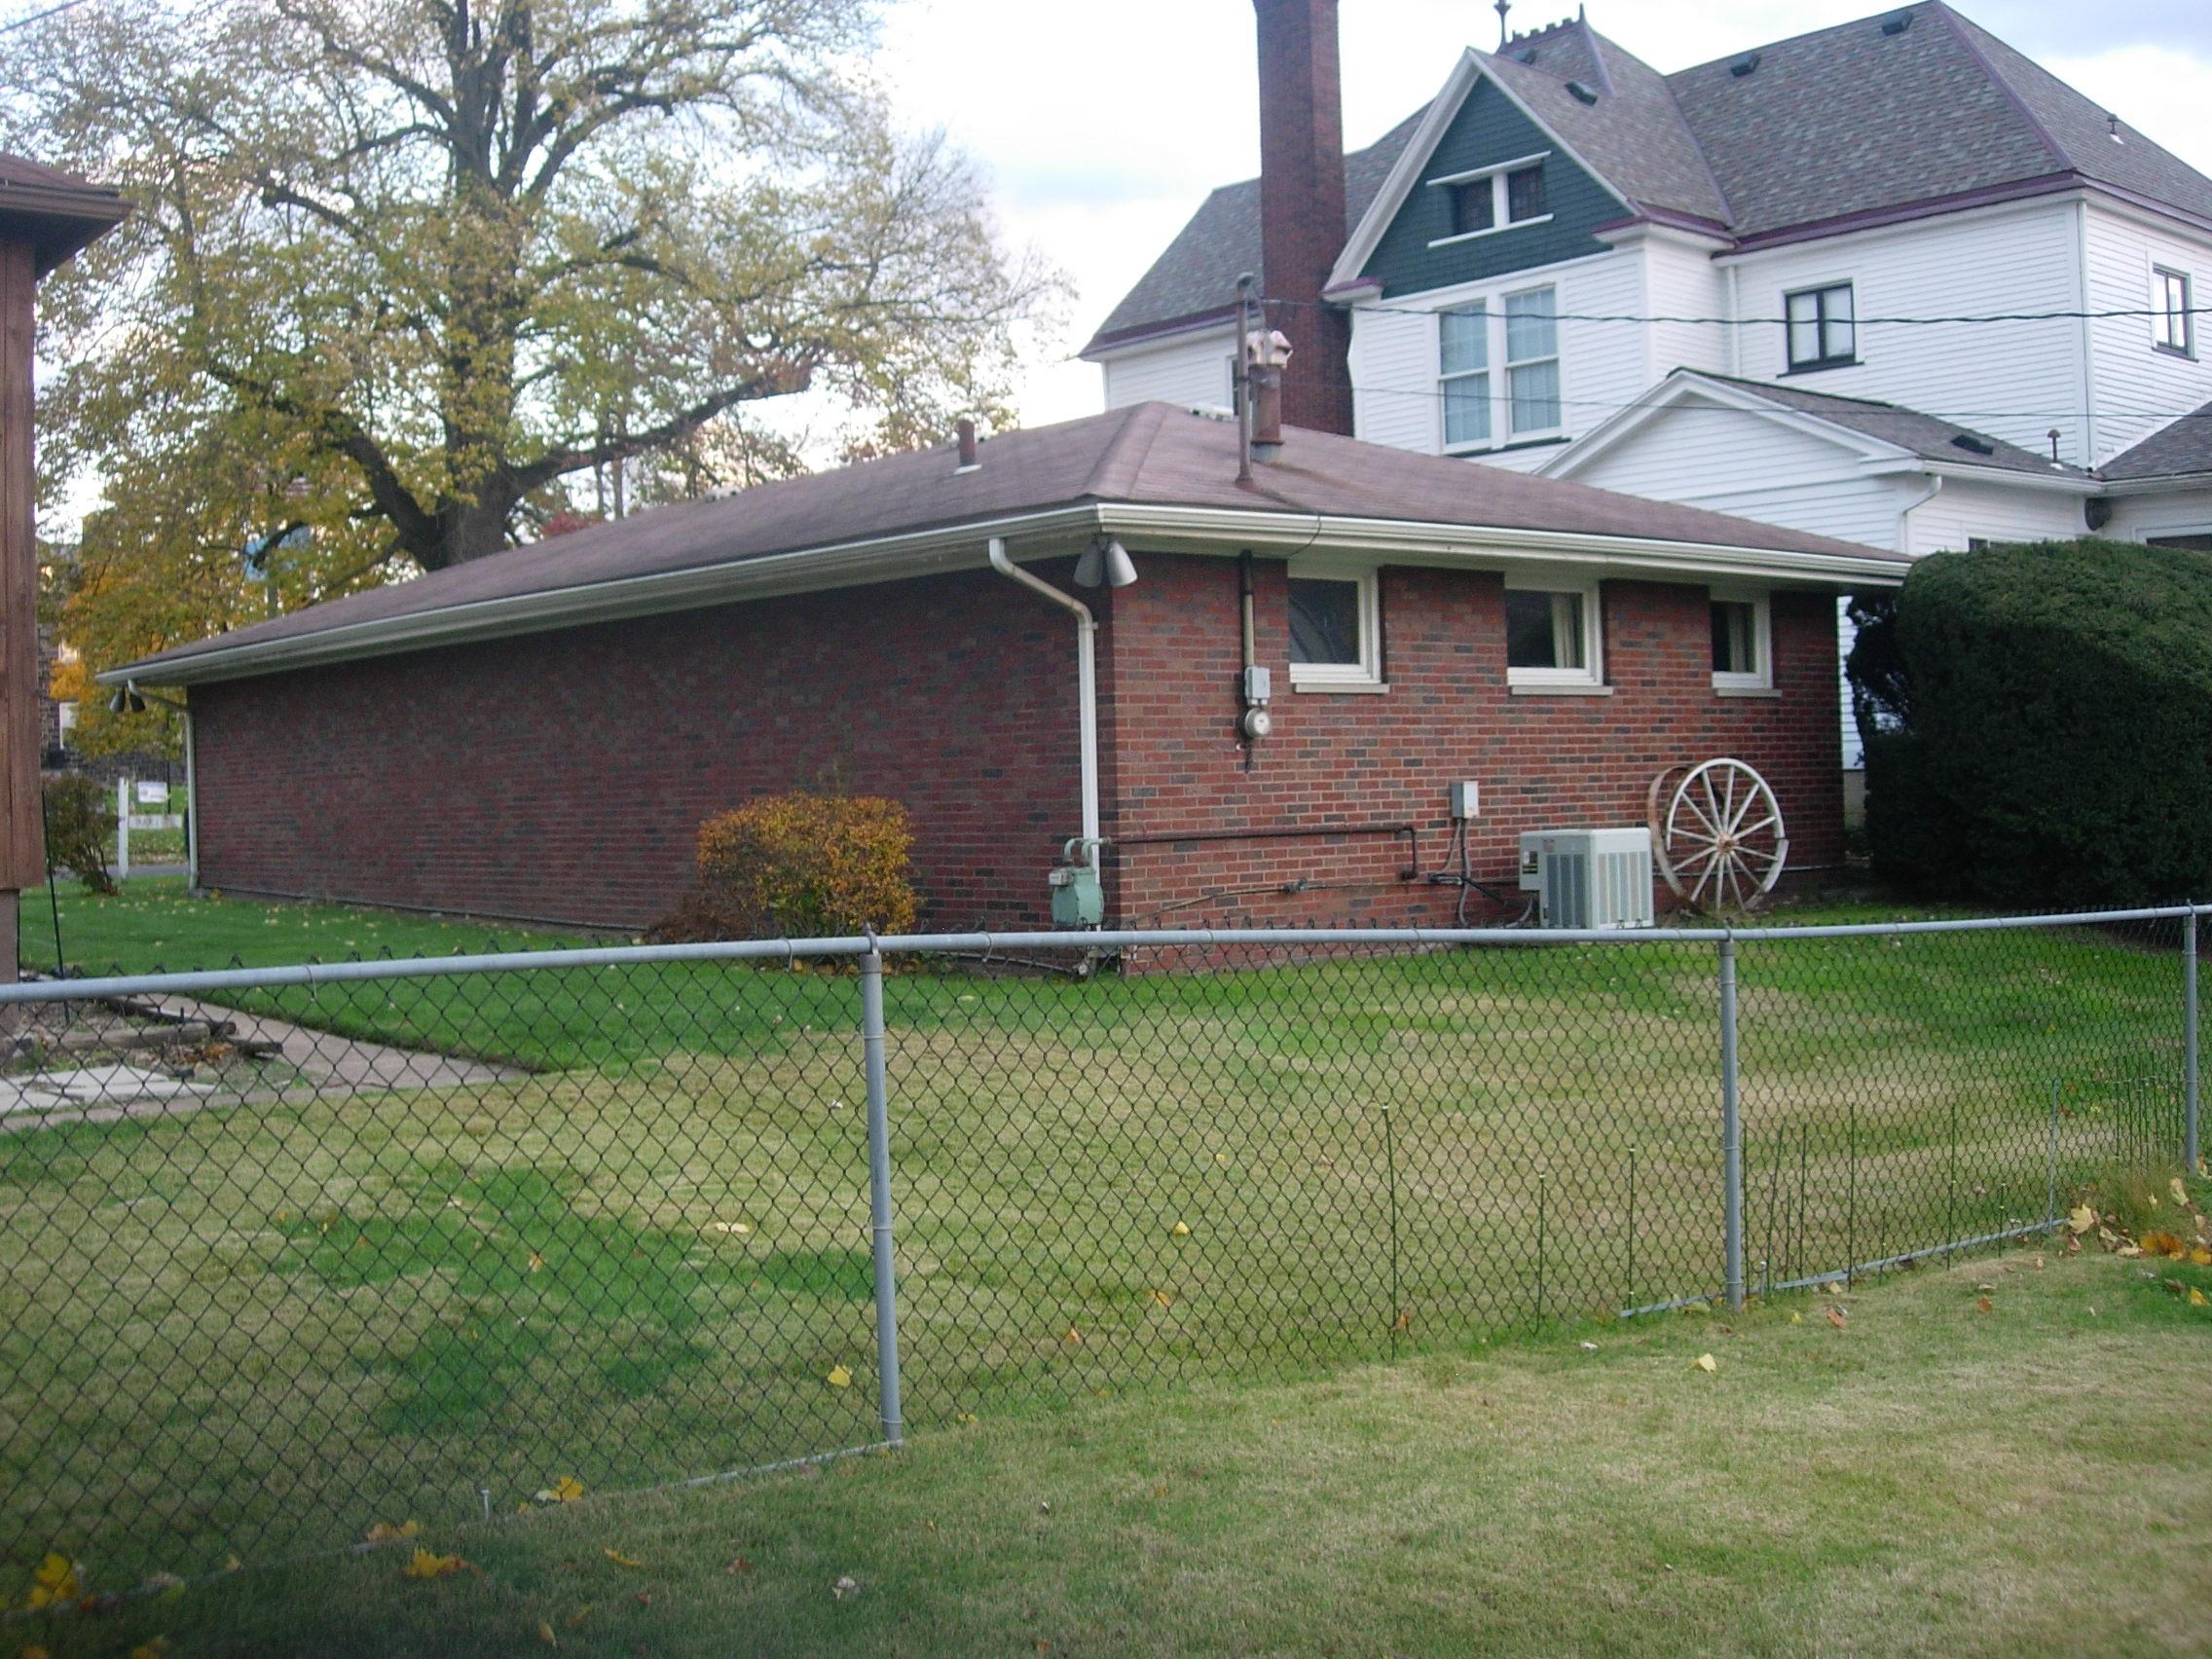 132 Fourth Street Ellwood City Pa 16117 R W Powell